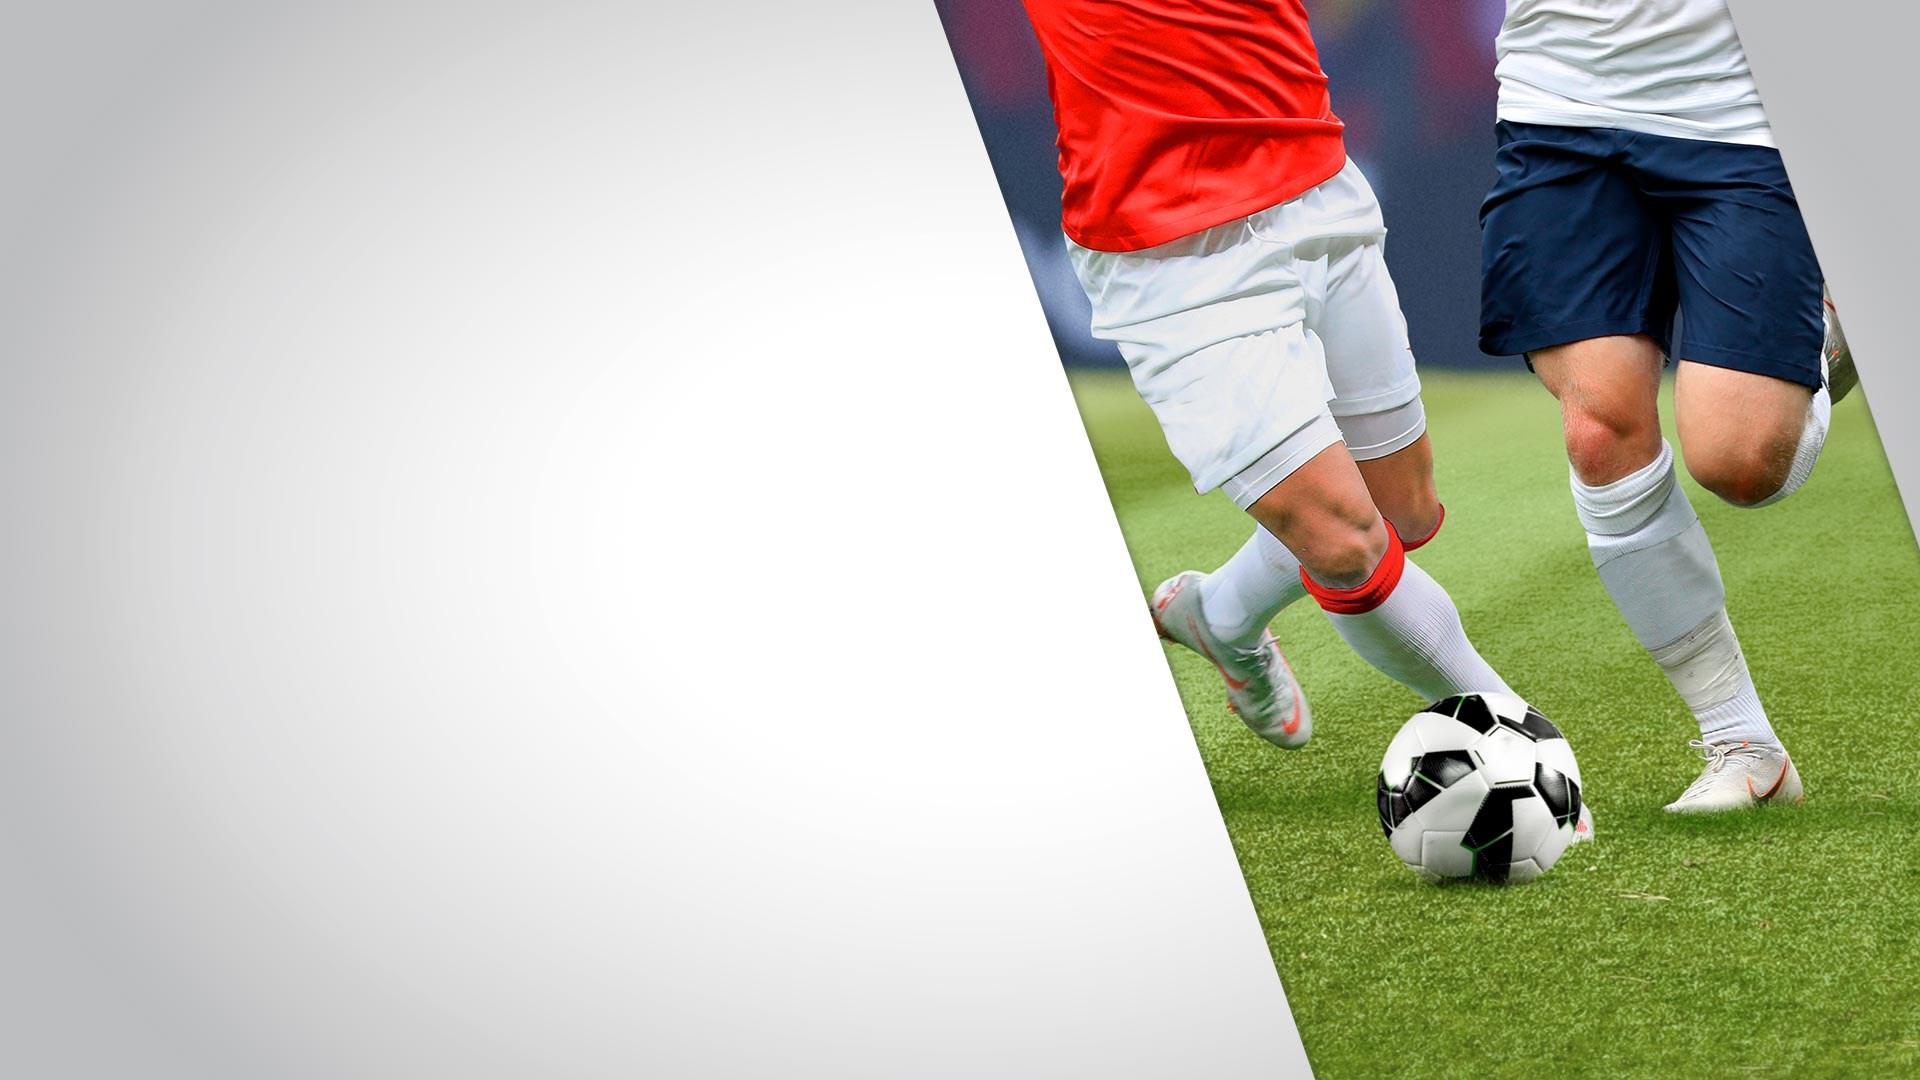 Mercados personalizados para Futebol, Tênis, Basquete e mais